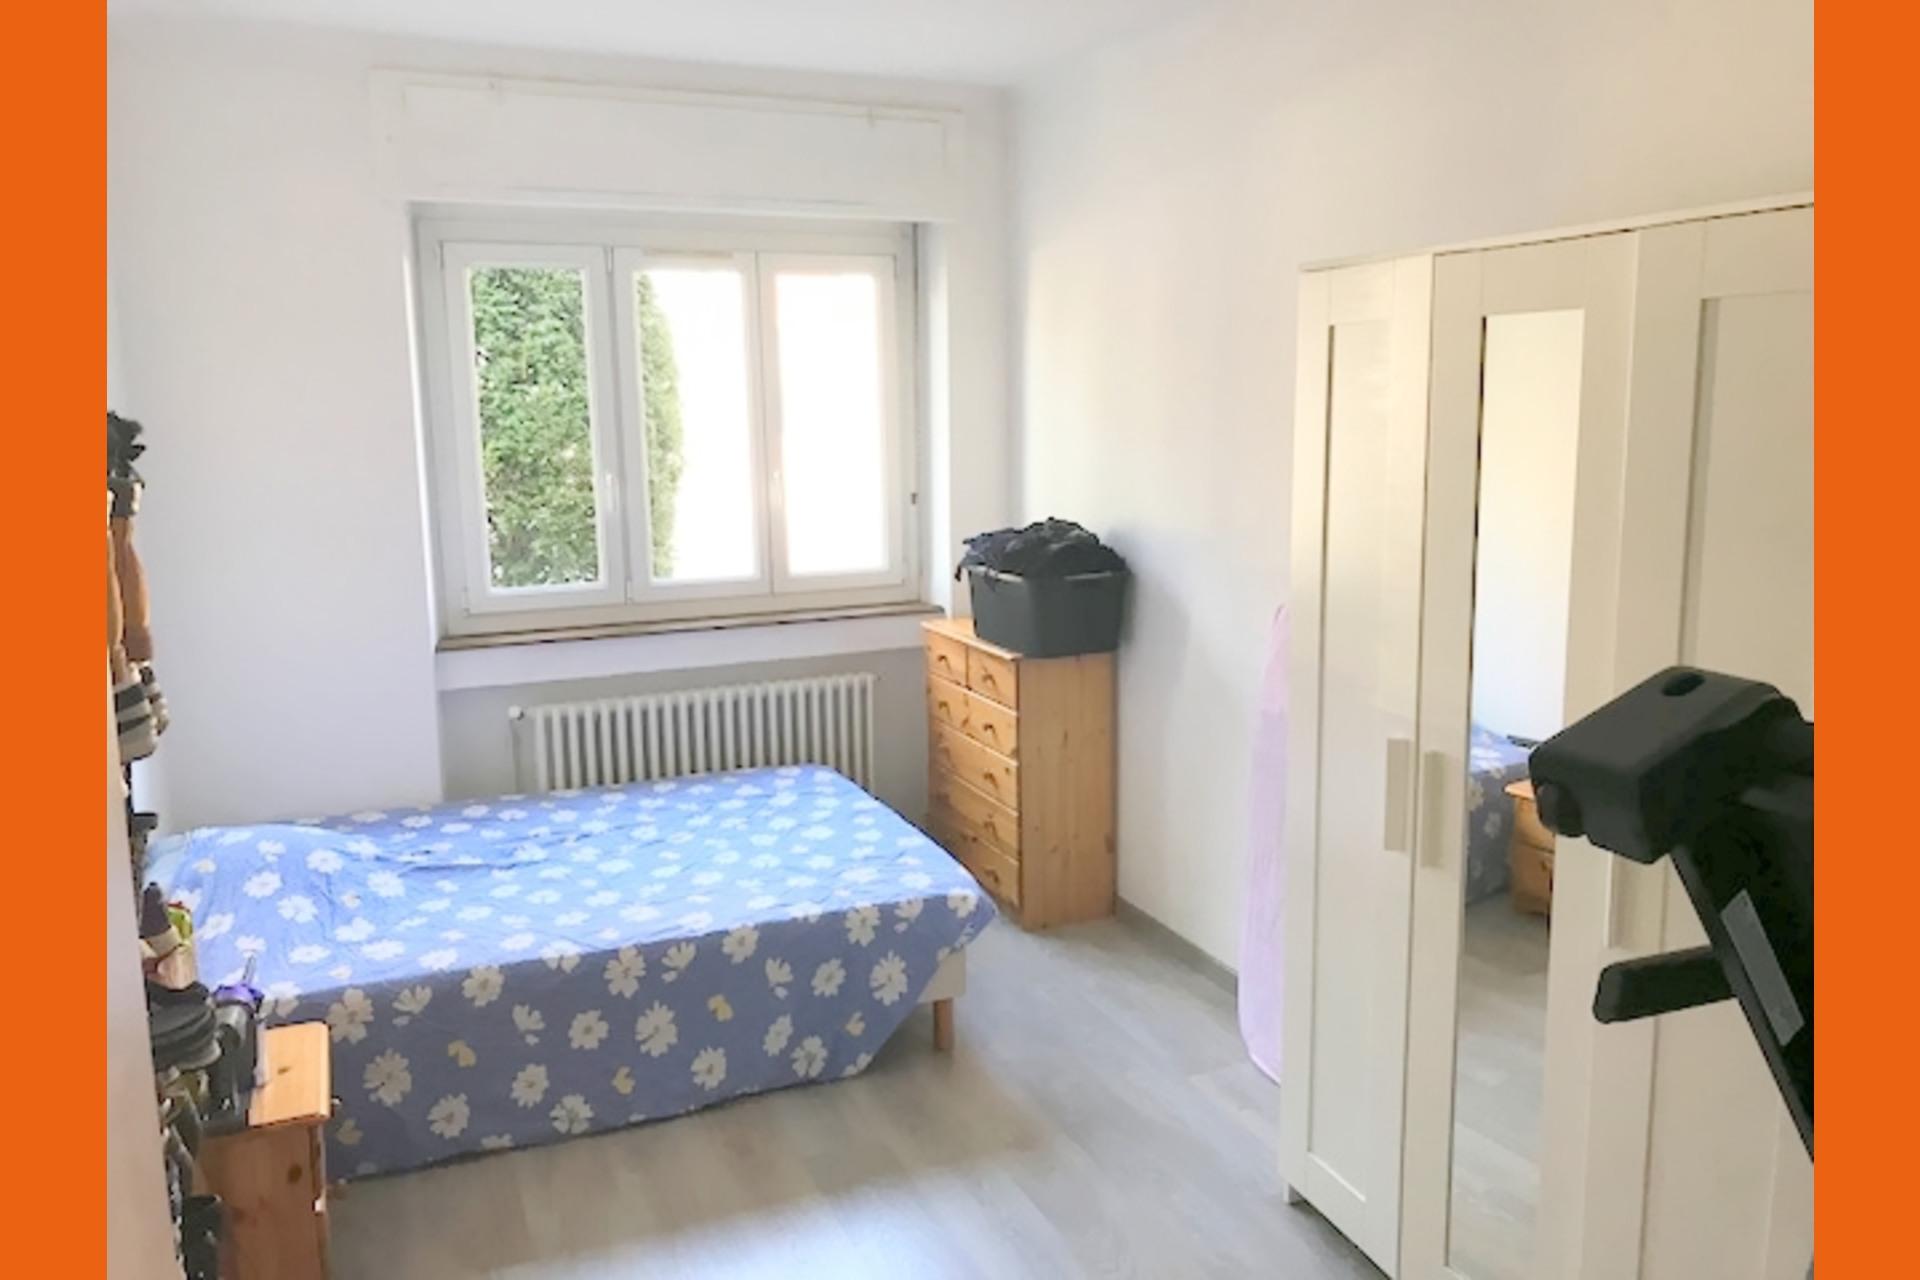 image 4 - Appartement À louer Montigny-lès-Metz